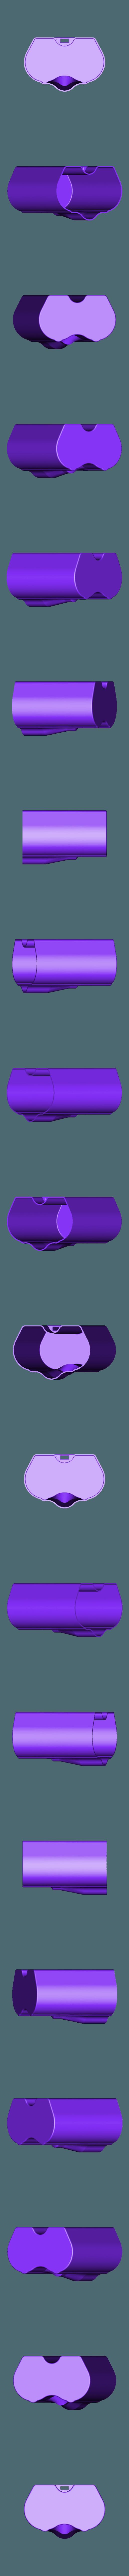 V1_Prototype_Larger_Case.stl Télécharger fichier STL gratuit Affaire des jumelles • Plan à imprimer en 3D, CartesianCreationsAU